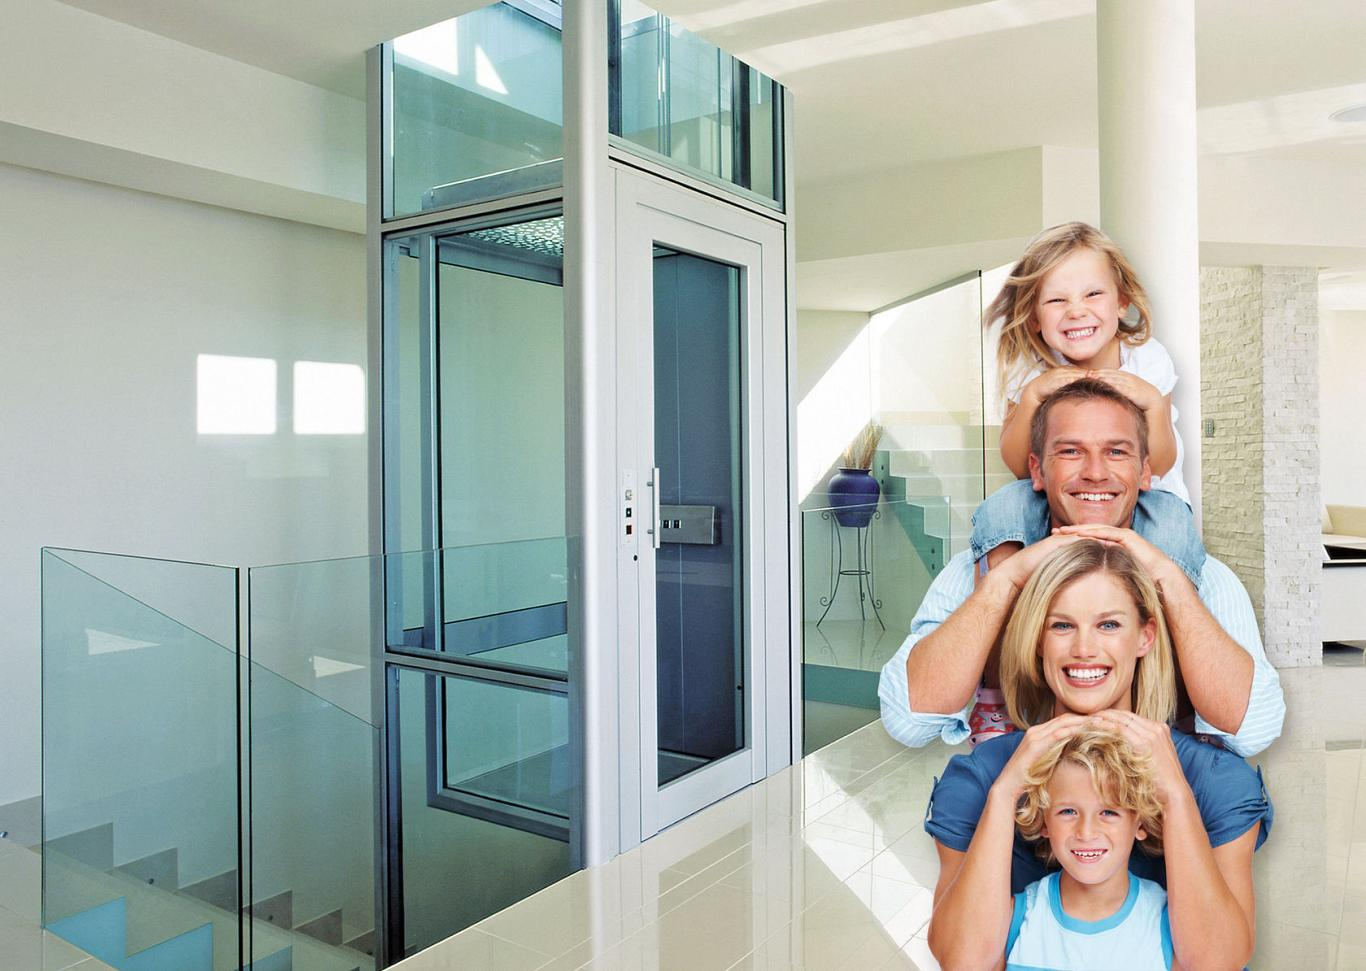 Ein Homelift bringt Sie innerhalb Ihres Hauses von einer Etage in die nächste